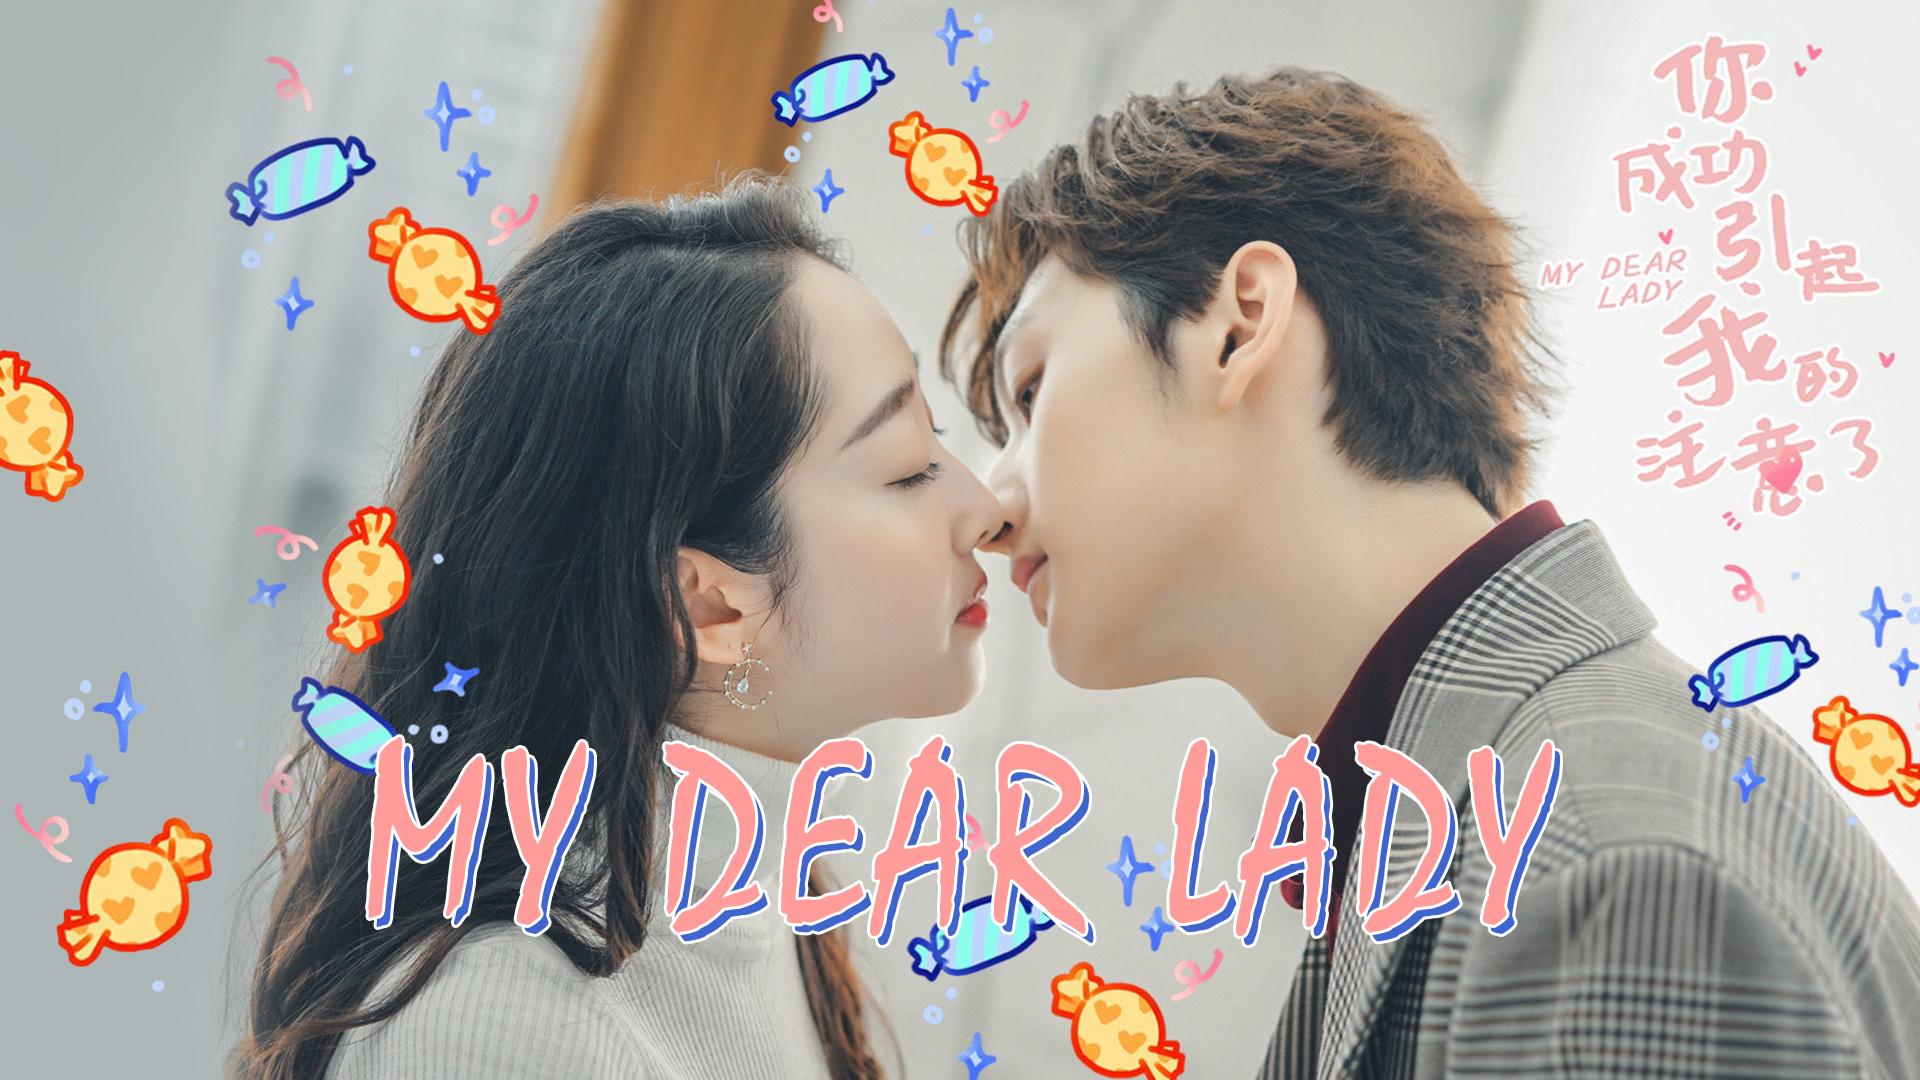 My Dear Lady